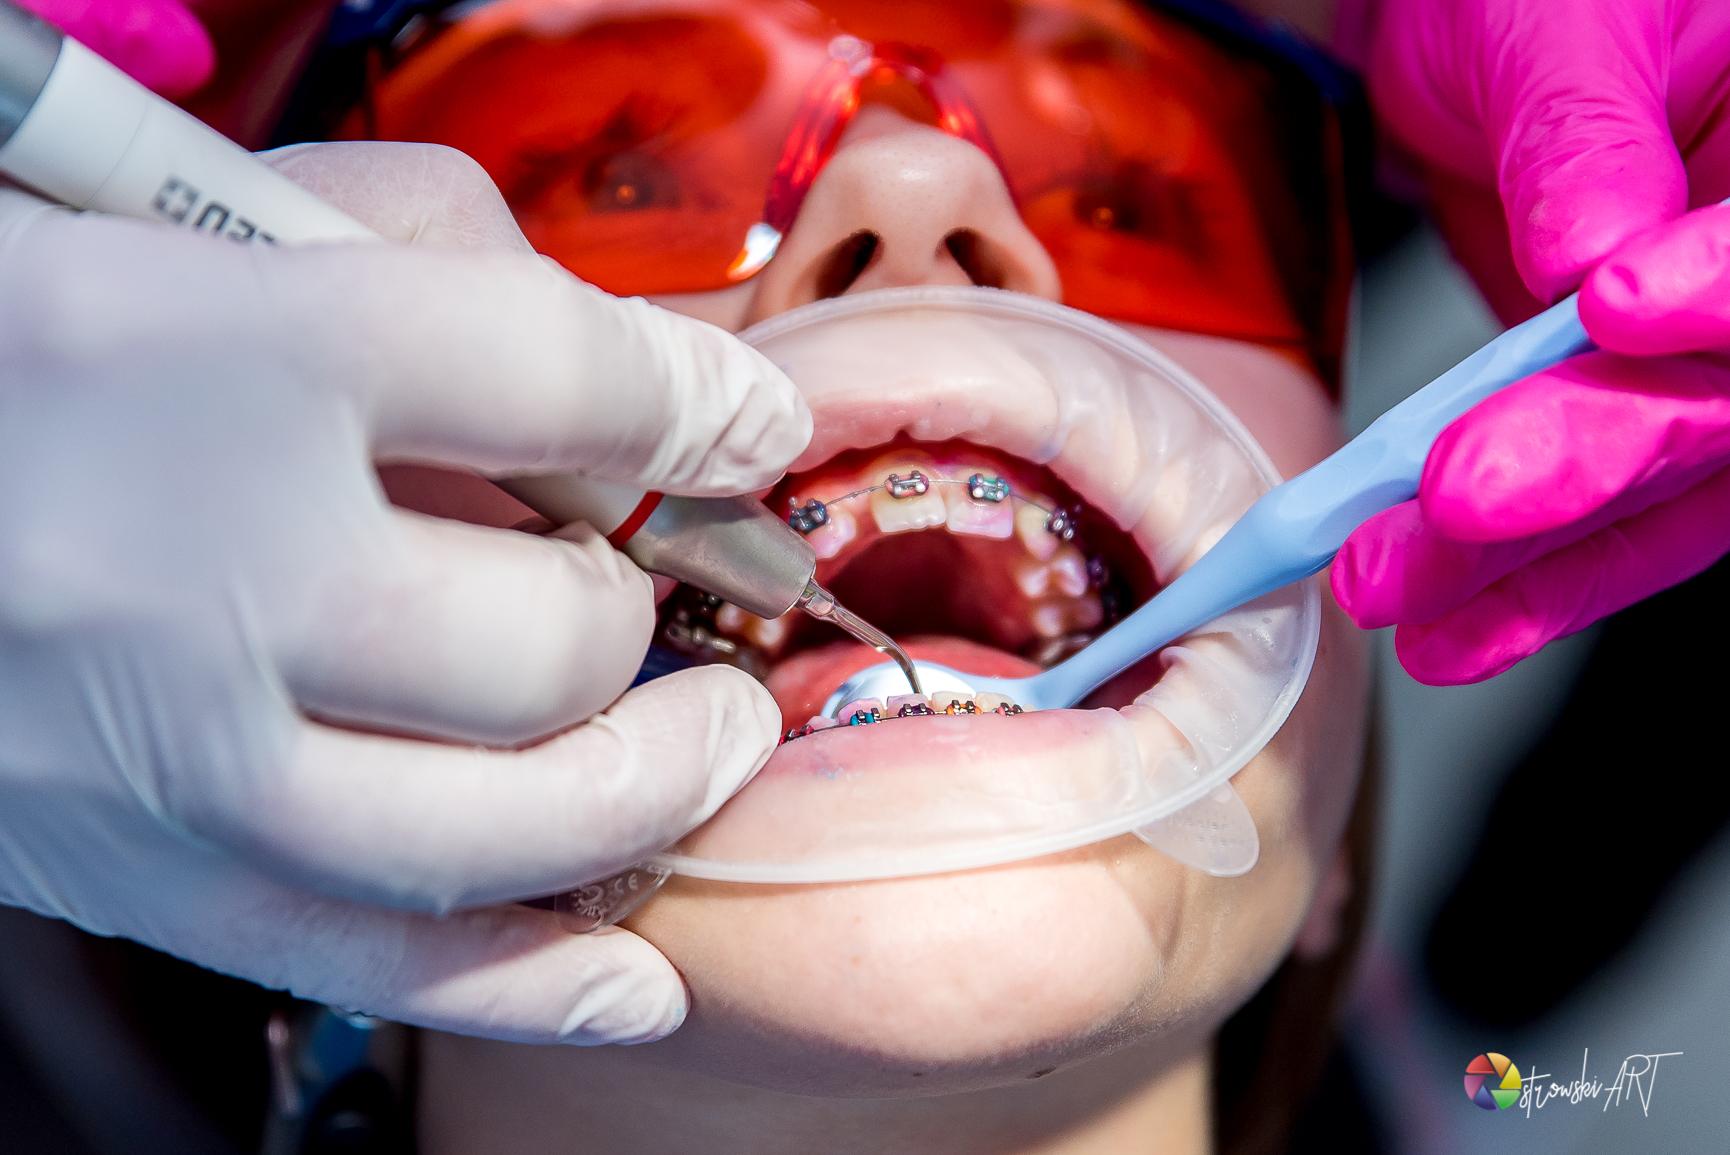 Warsztat Krakdent: Pacjent ortodontyczny w gabinecie higieny